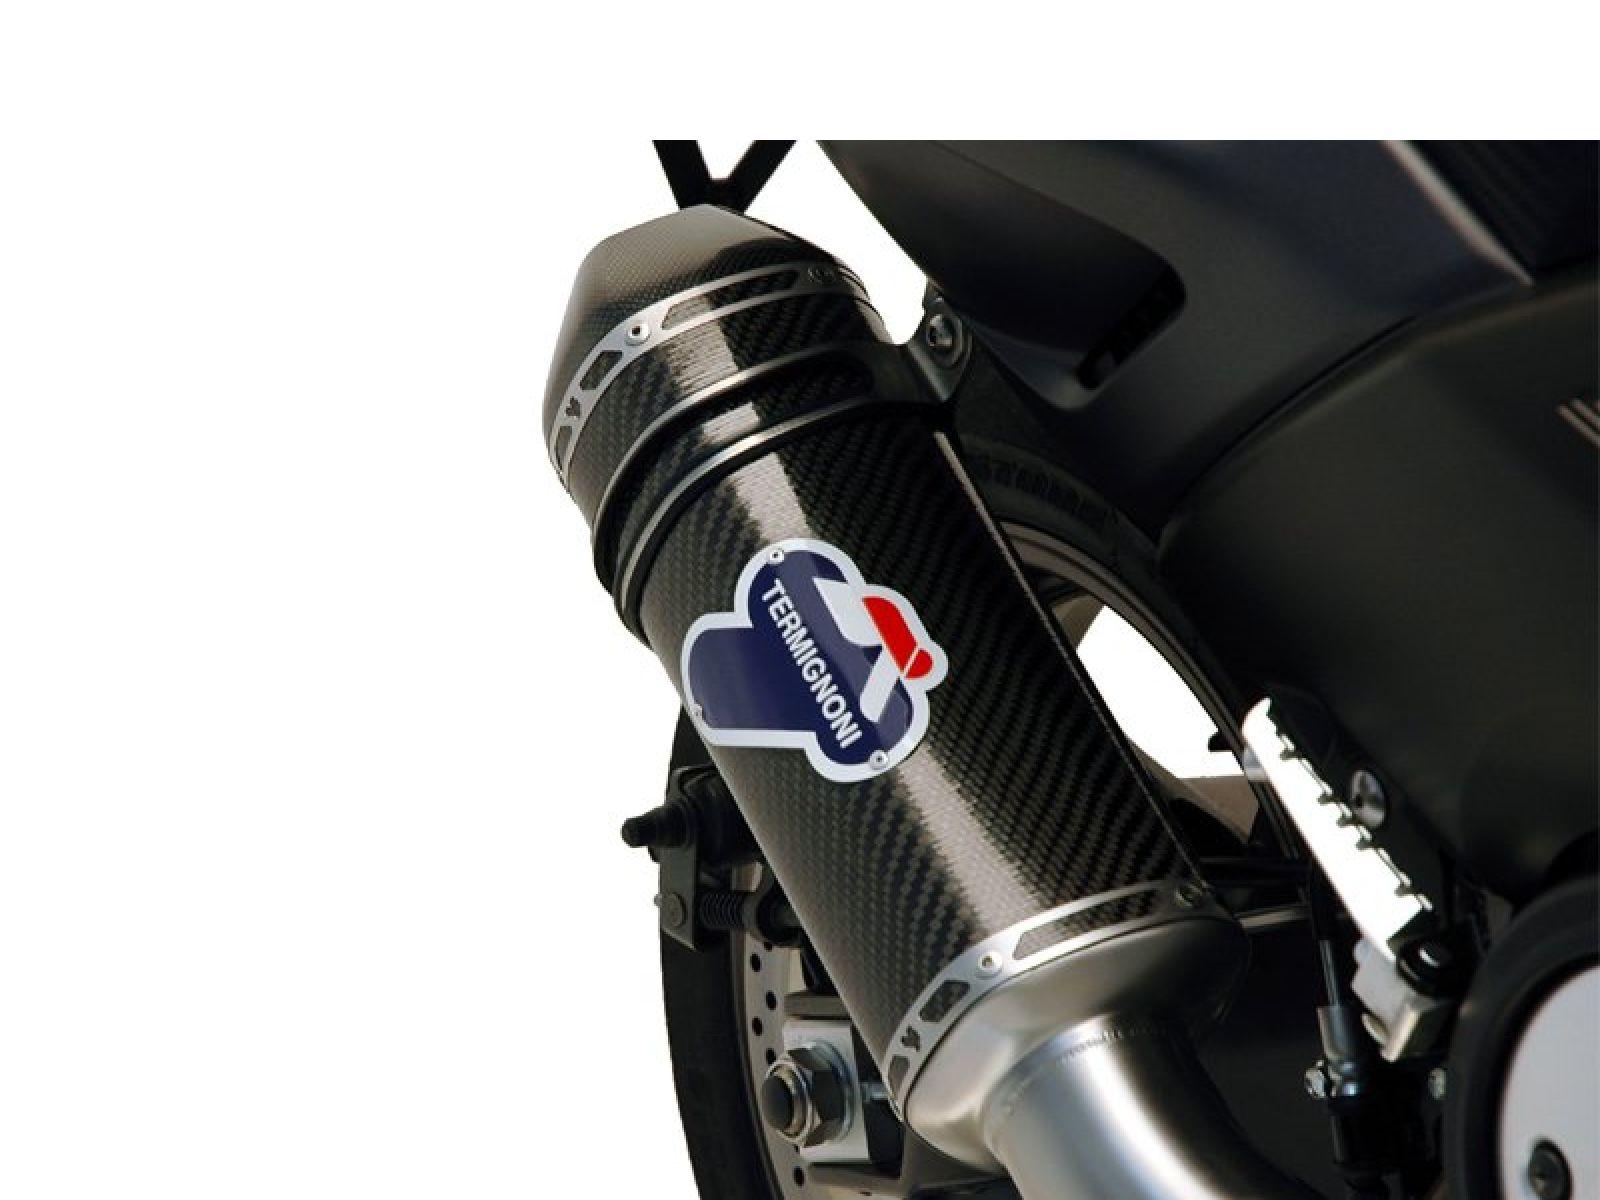 Выхлопная система Termignoni для Yamaha T-Max 530 12-14